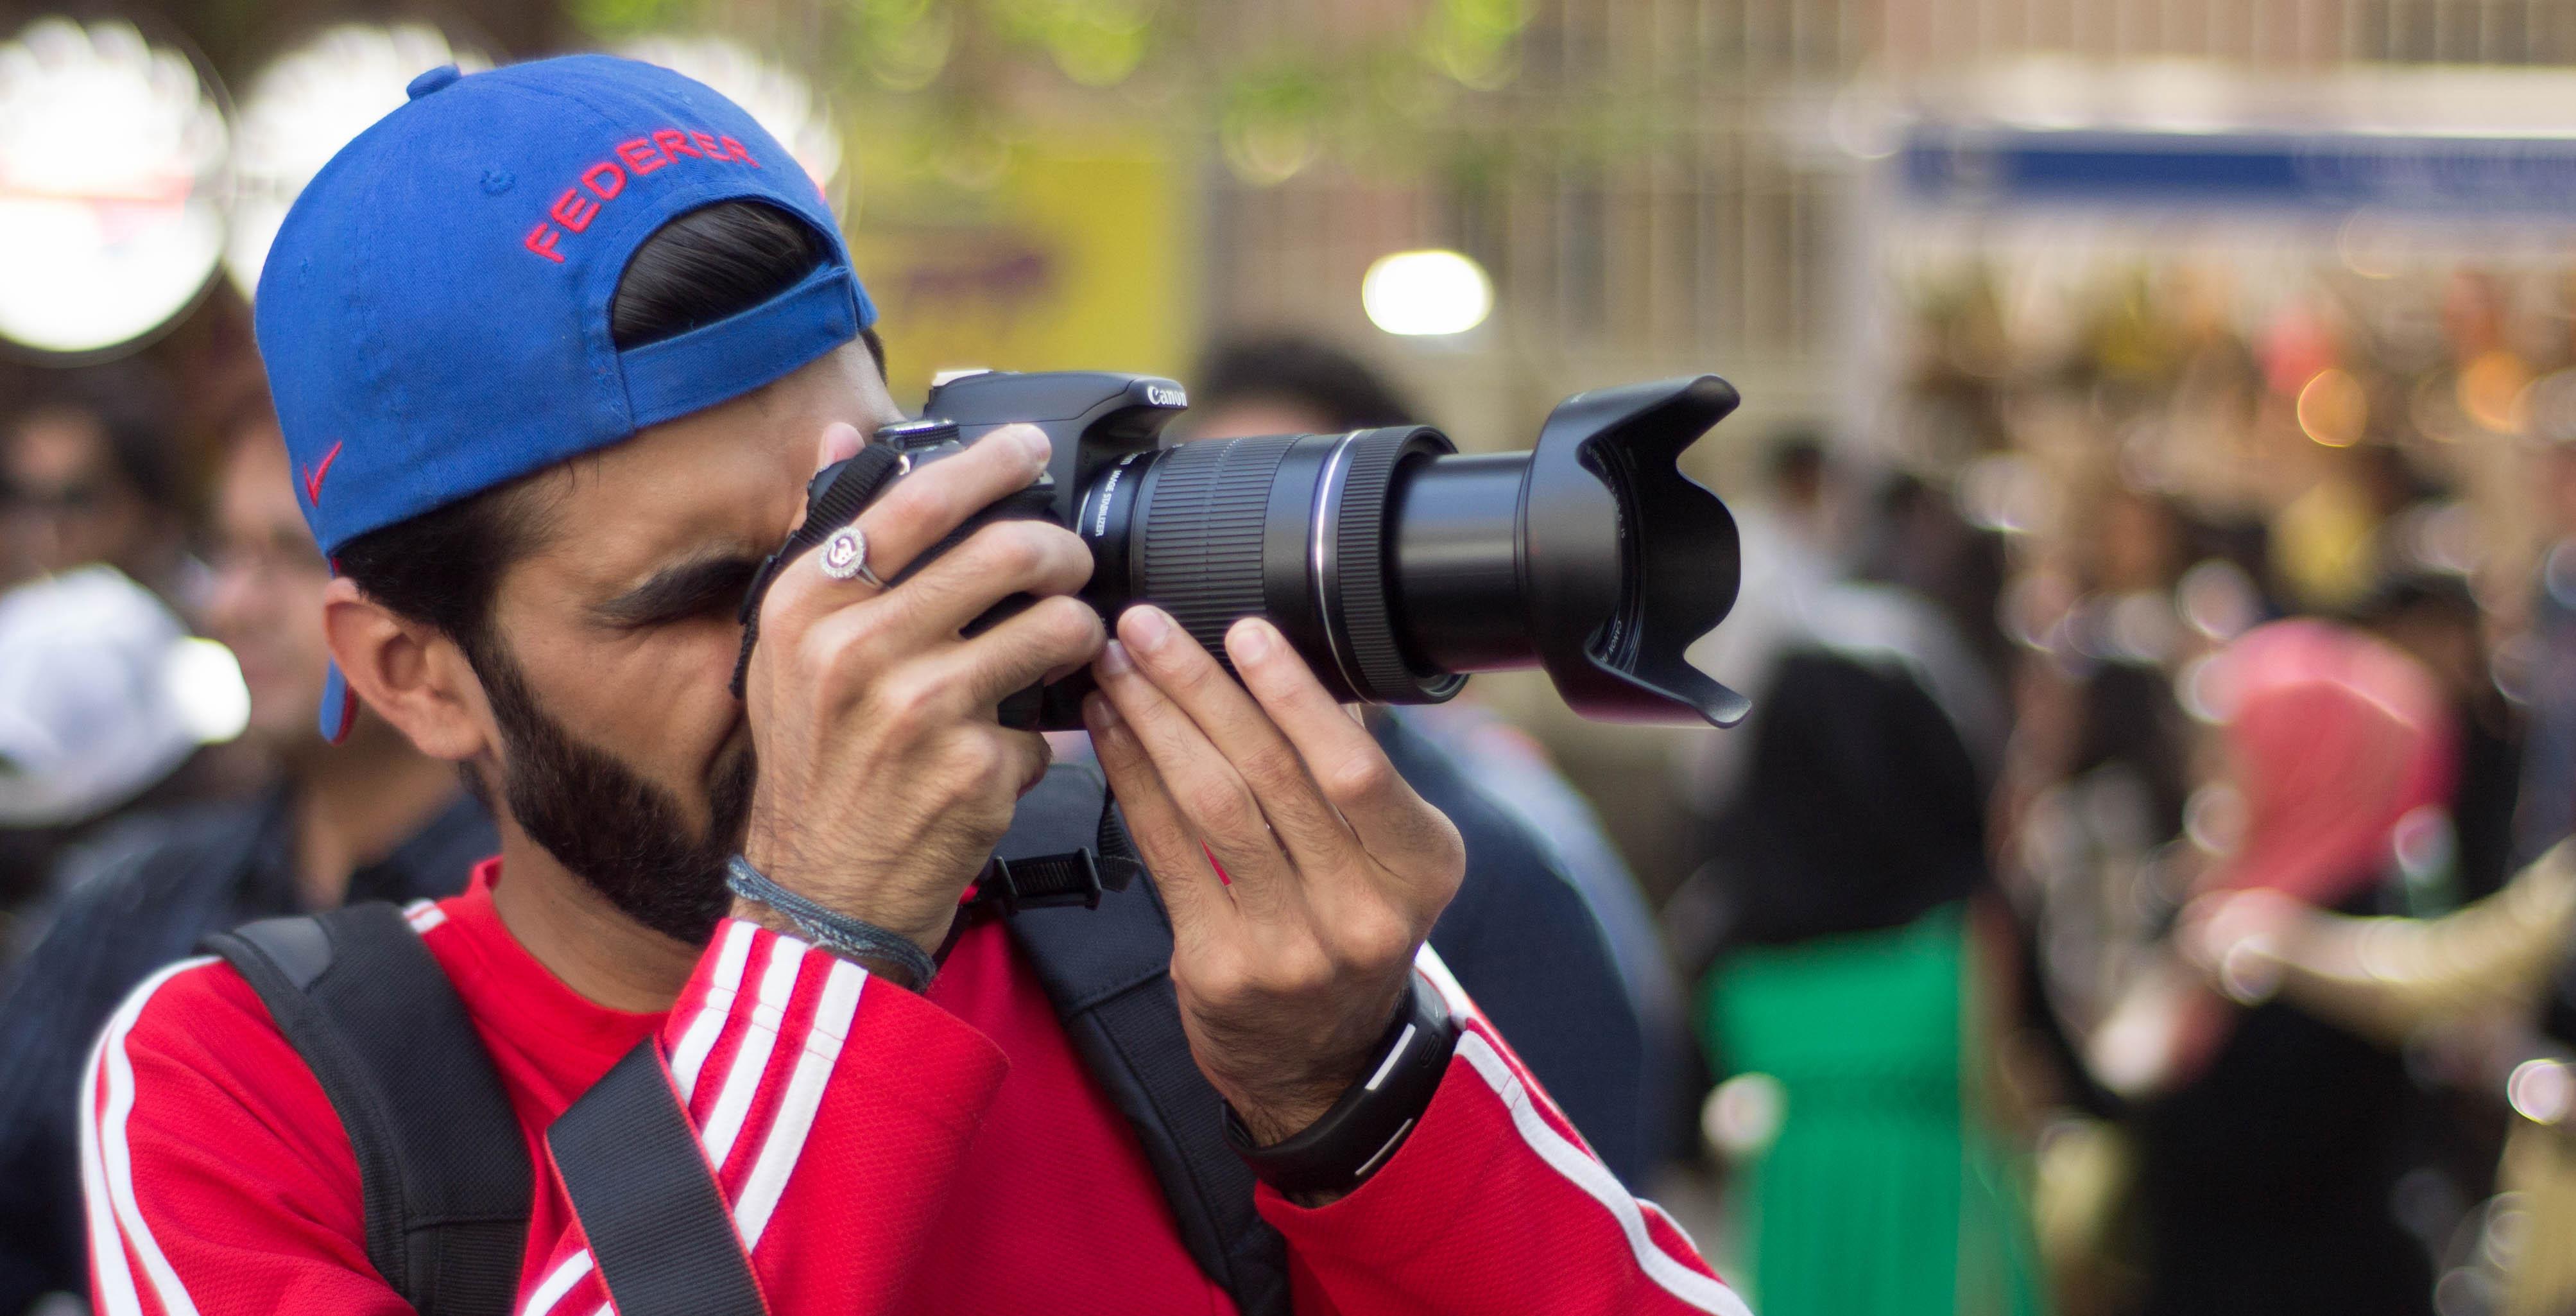 Víťazné fotografie Slovak Press Foto vystavia v prestížnej newyorskej galérii